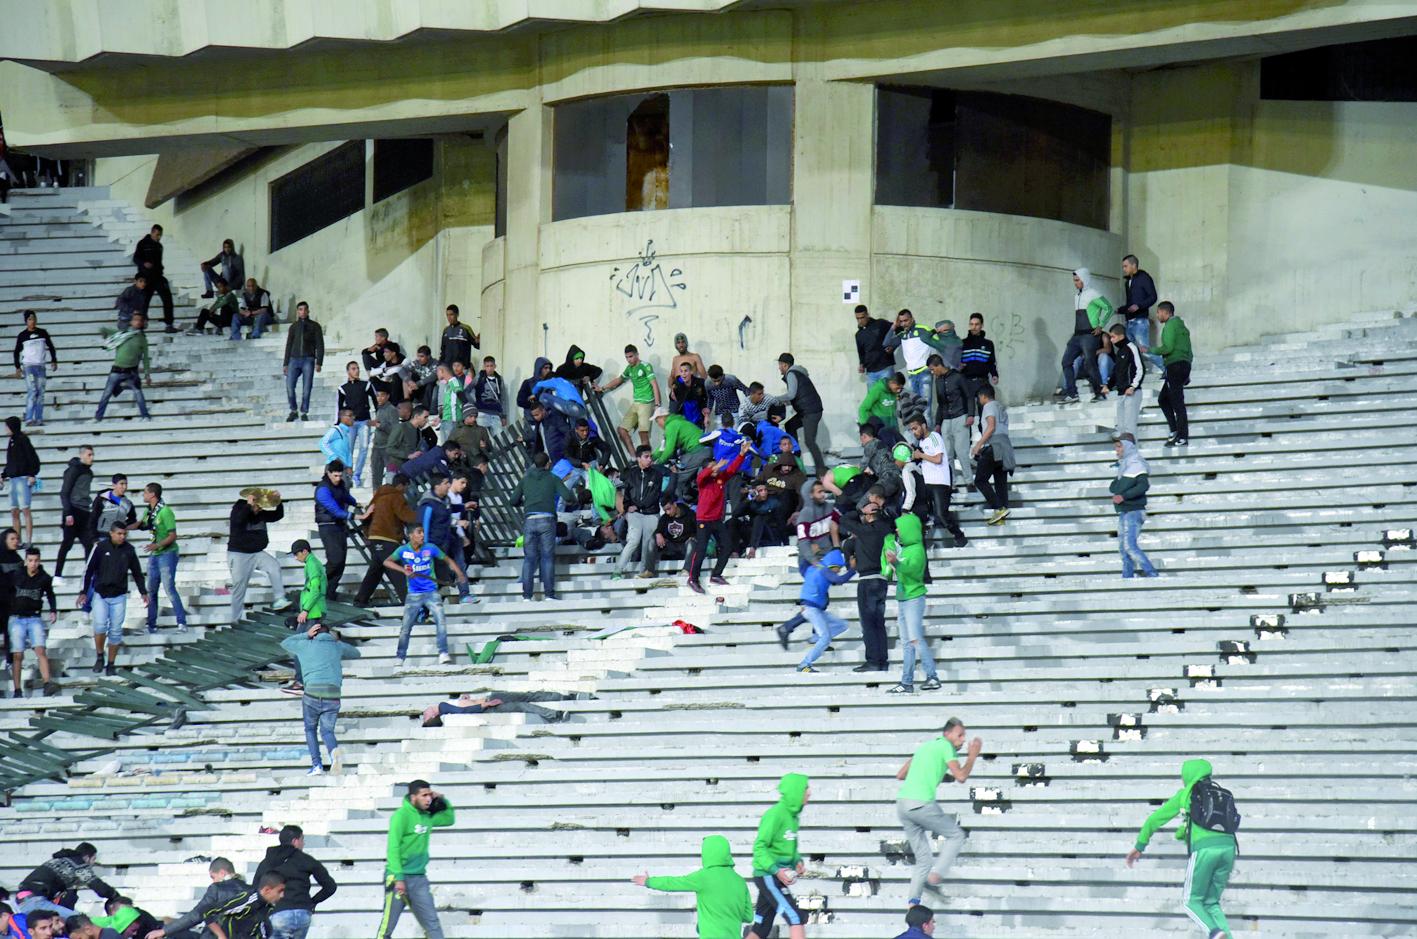 Campagne pour la prévention de la violence lors des manifestations sportives